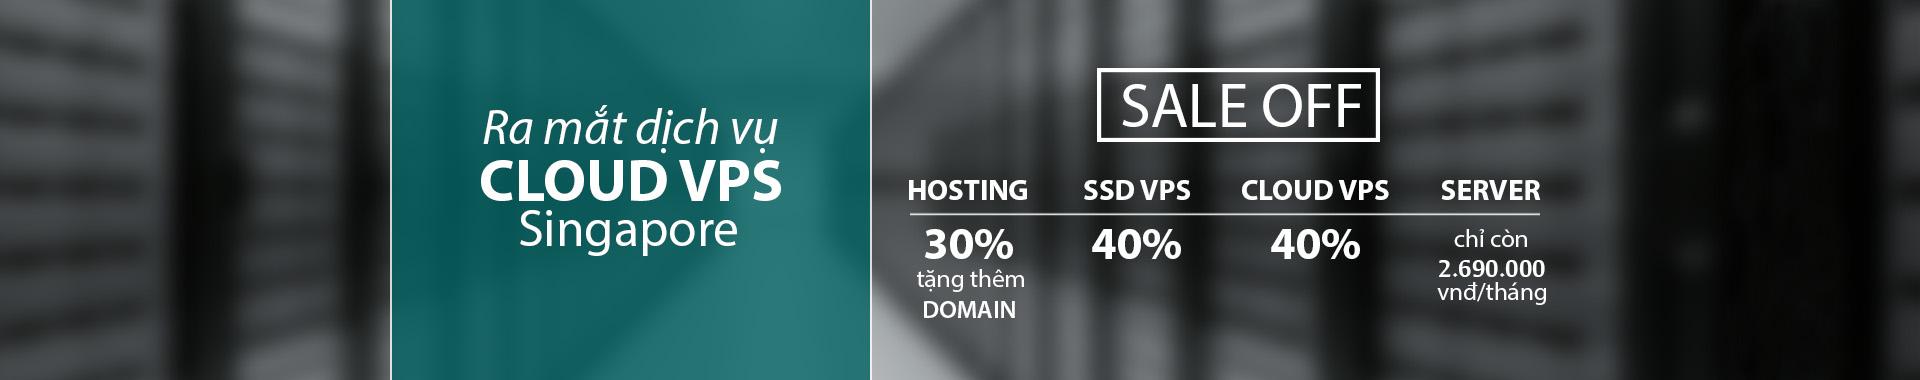 khuyen-mai-vps-hosting